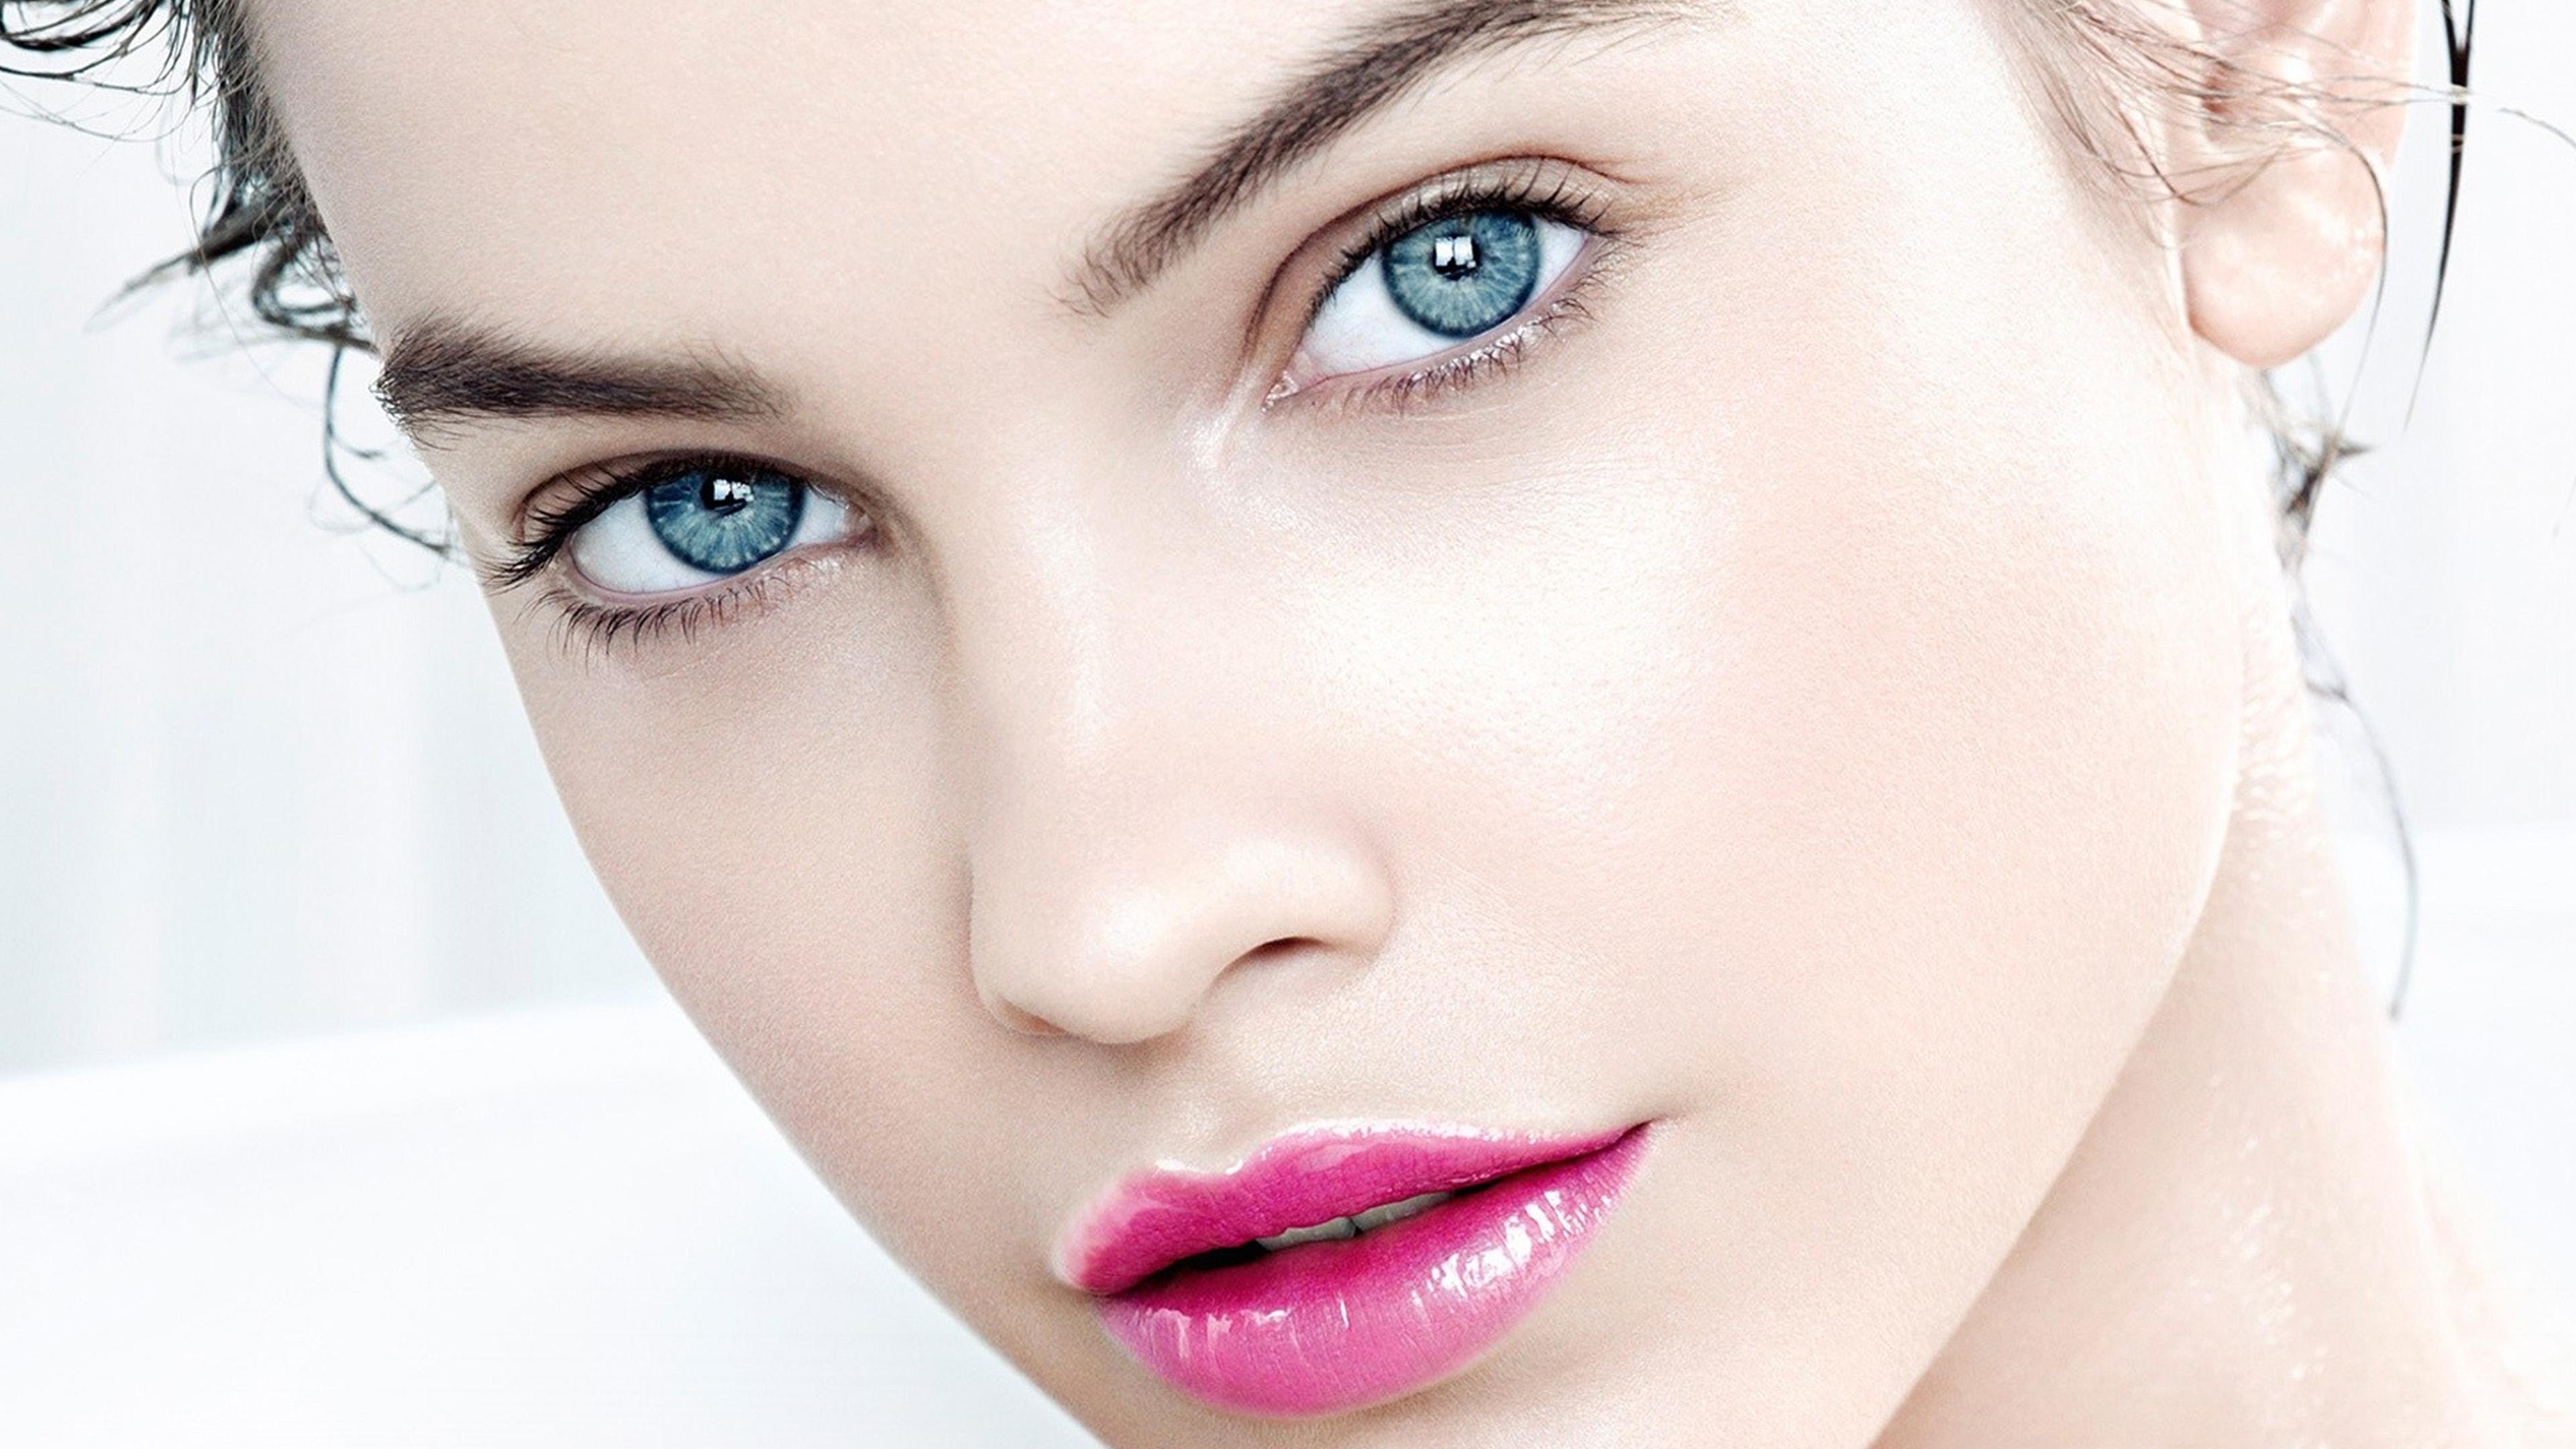 Adolescentes adolescente de ojos azules sobre sofaacute - 2 7